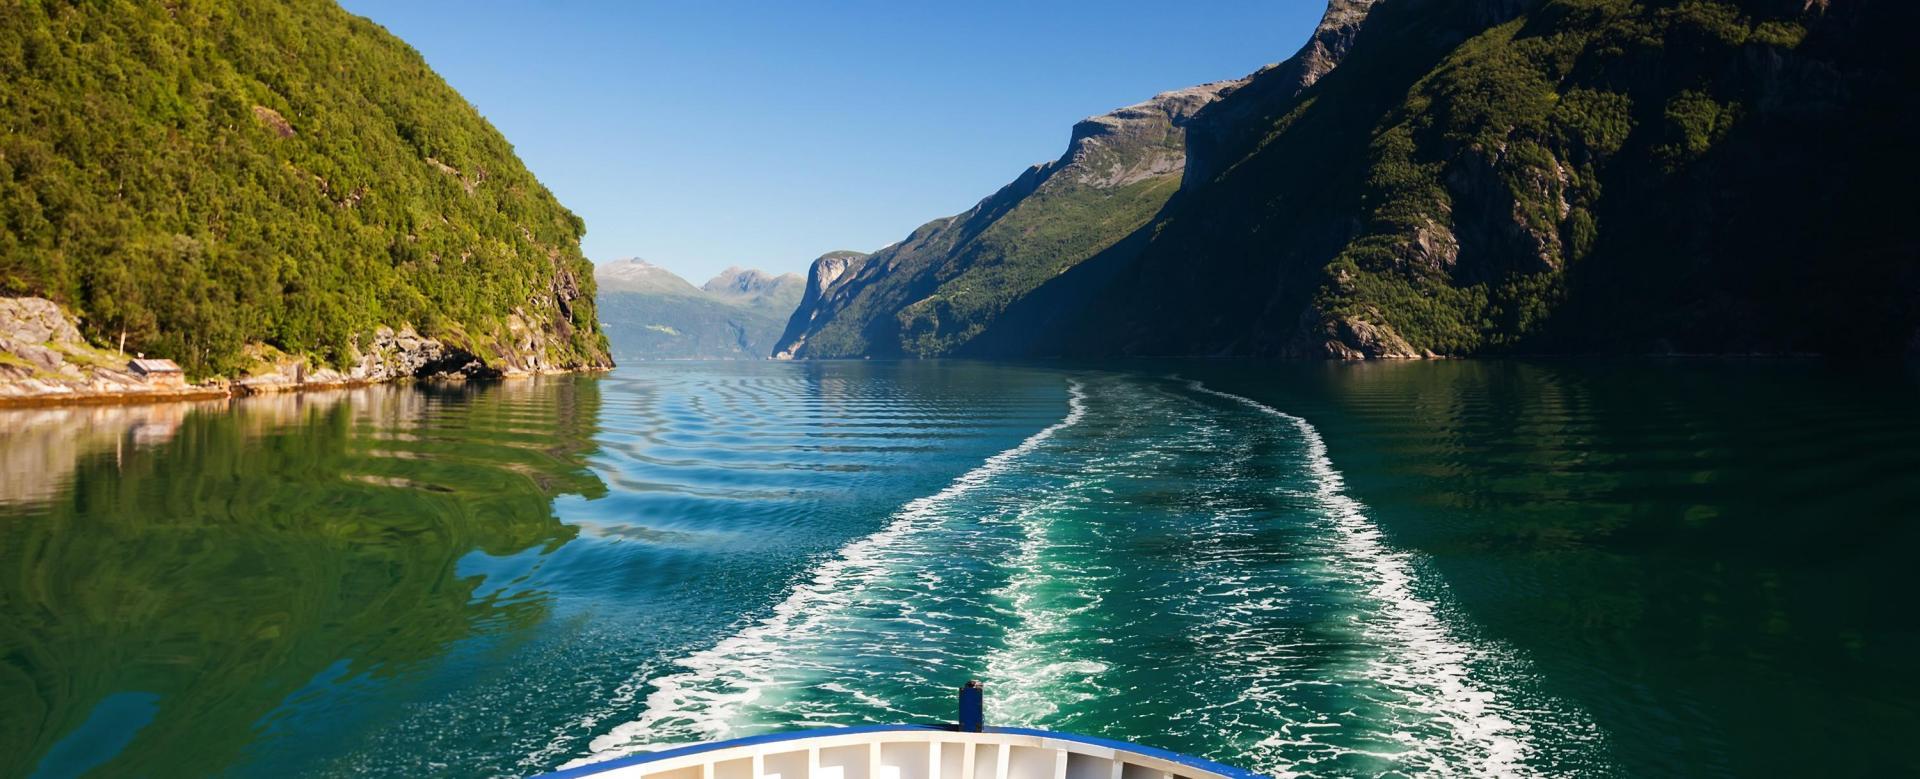 Voyage en véhicule Norvège : Les fjords du sud norvégien